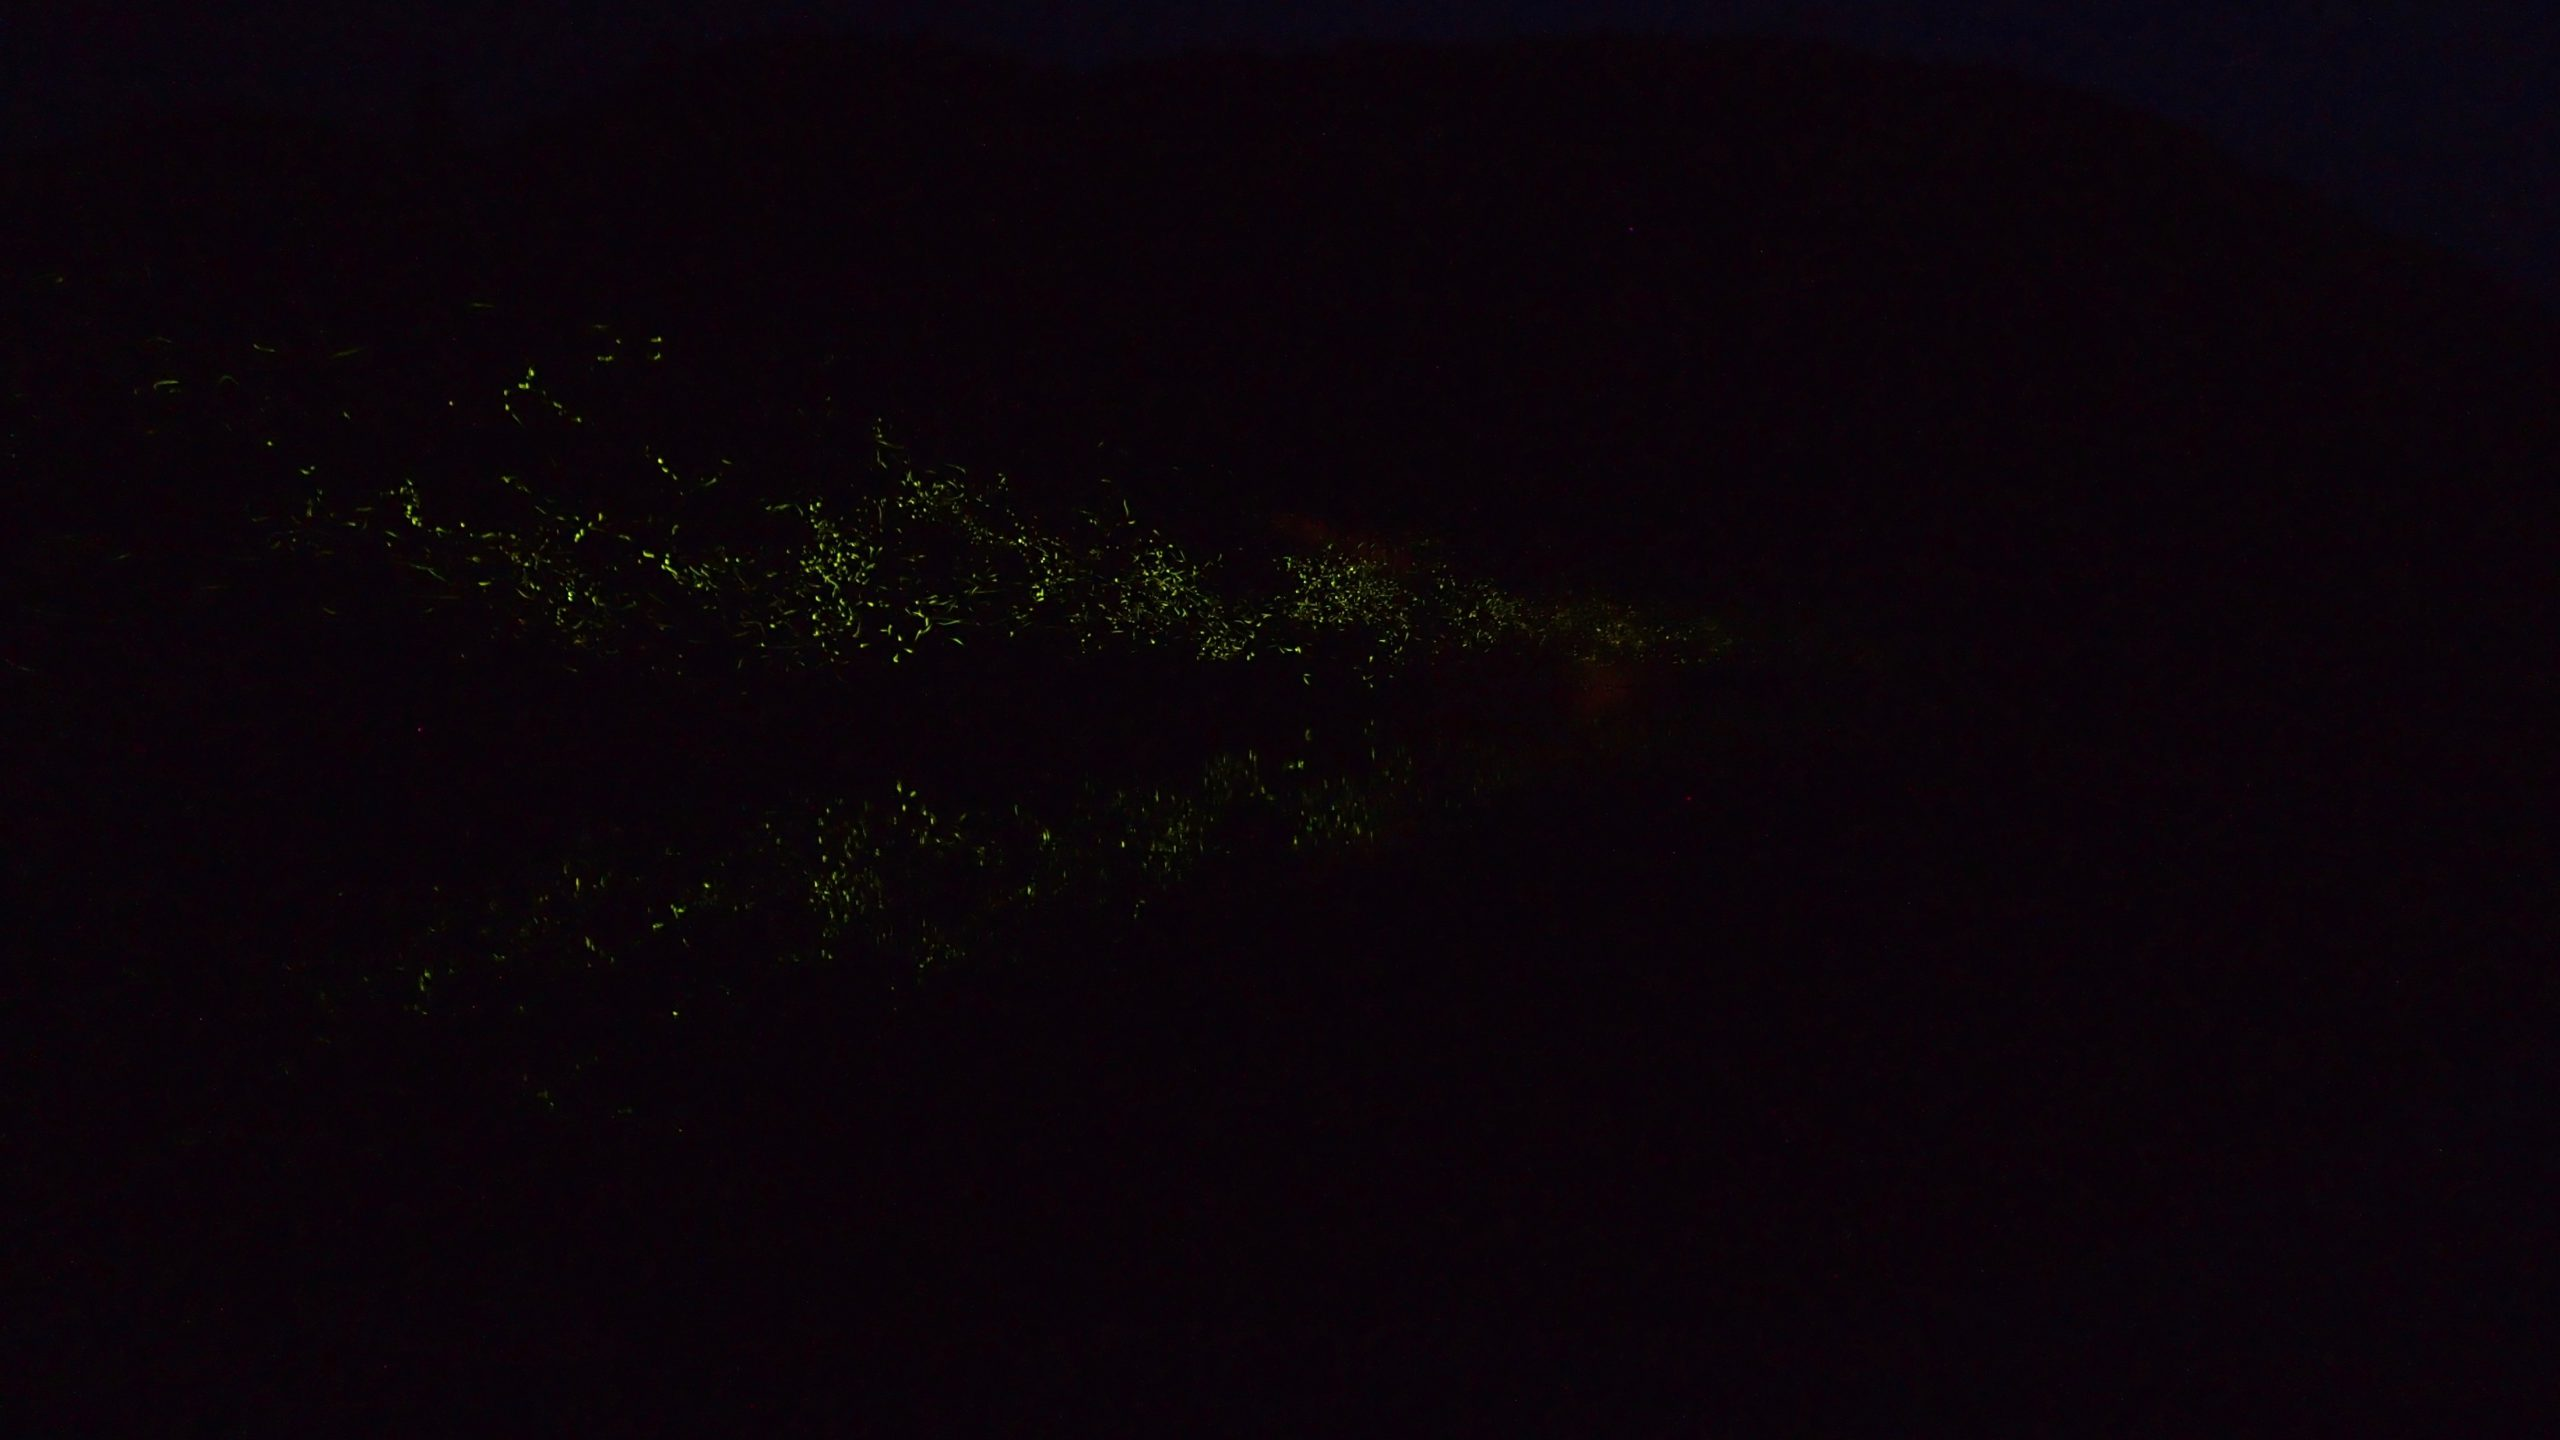 シンクロするゲンジボタルの光